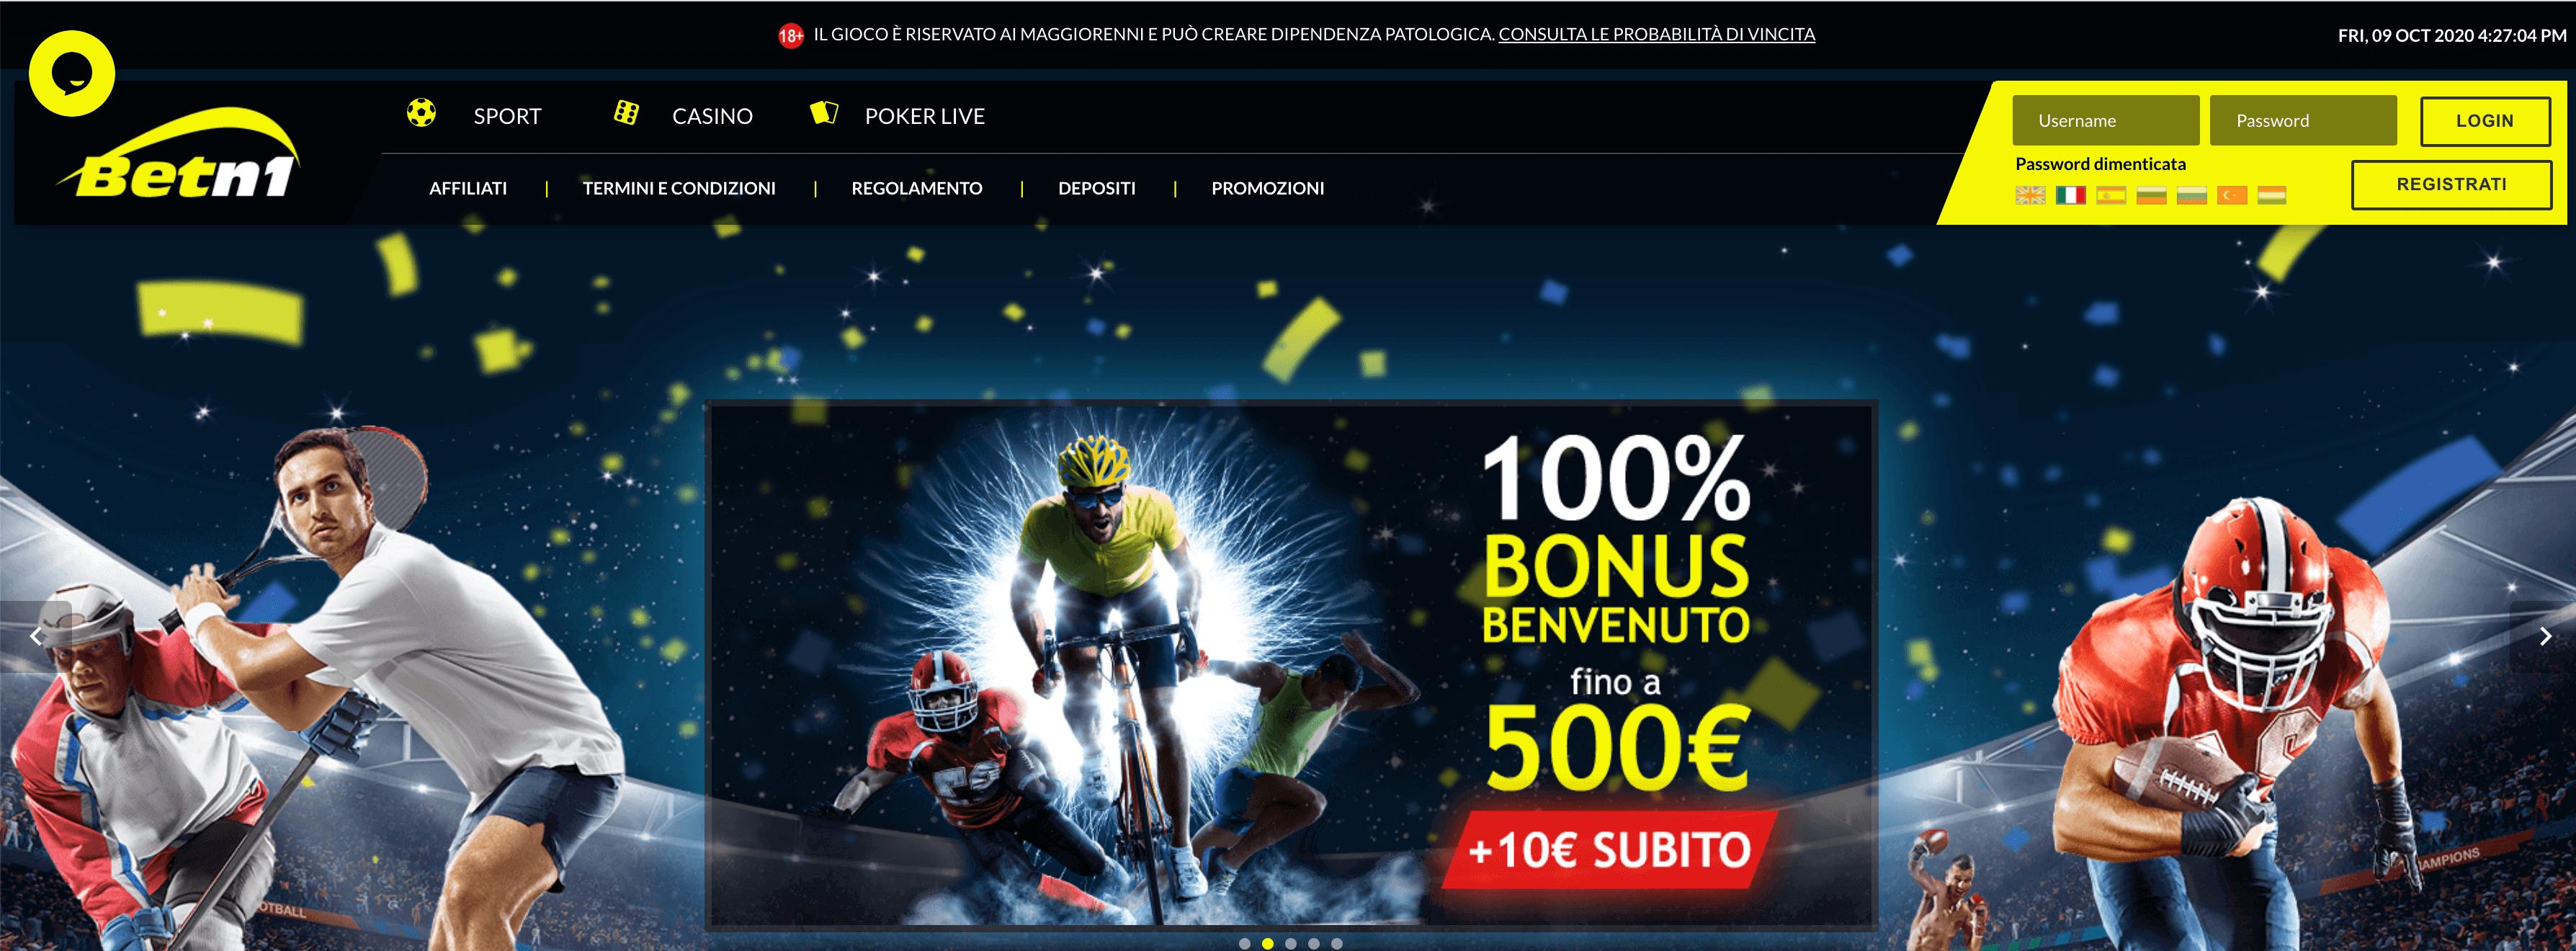 betn1 homepage